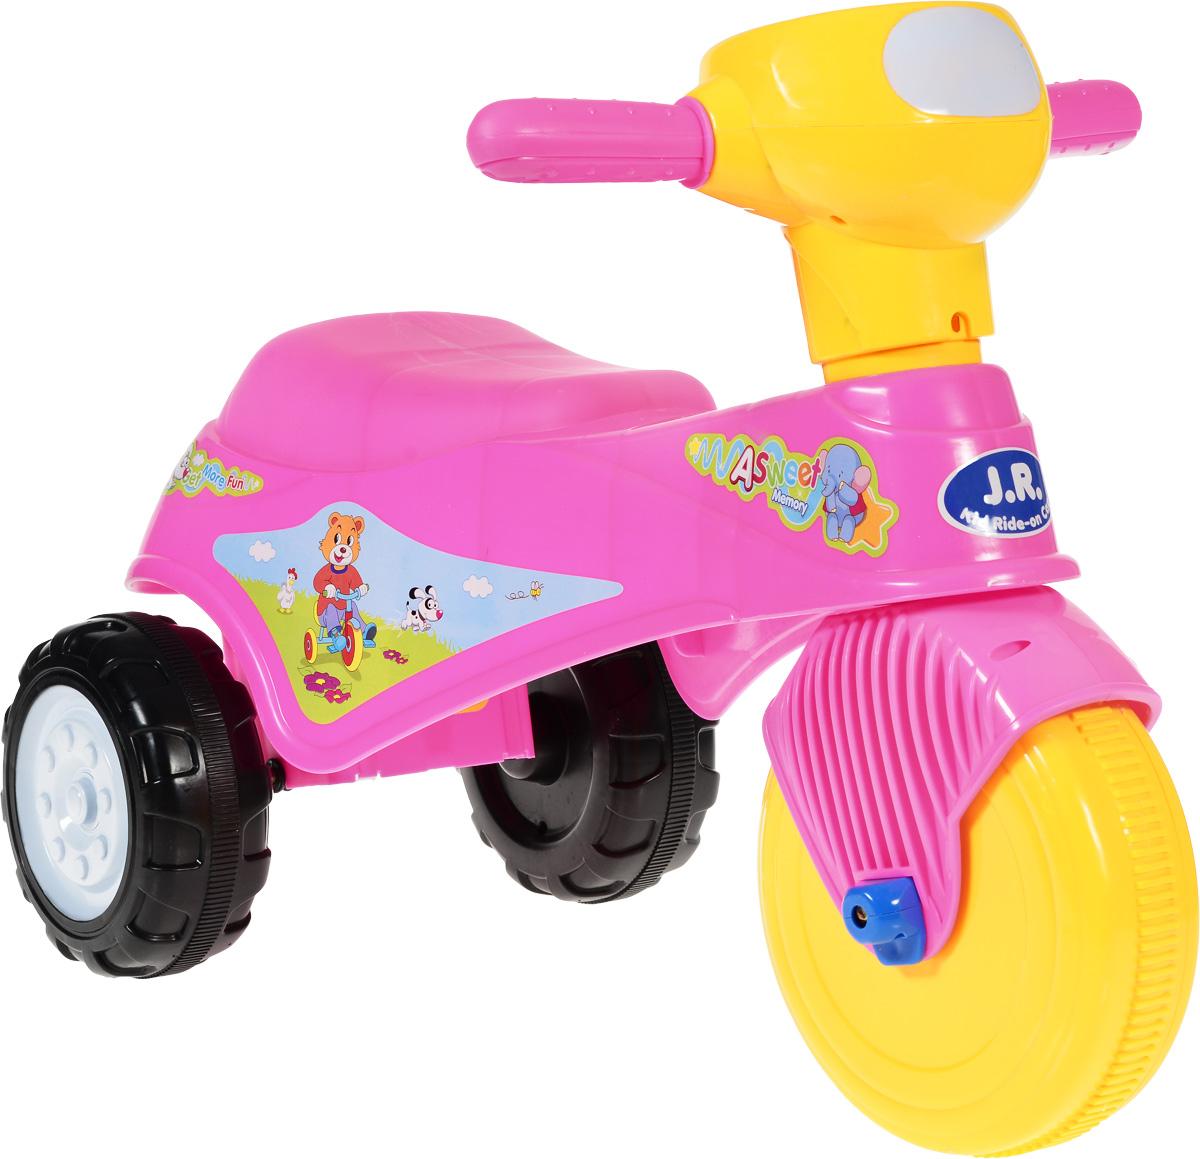 J.R. TOYS Каталка детская Трицикл цвет розовыйJR-911APЯркая каталка детская J.R. TOYS Трицикл - настоящая находка для вашей малышки. Выполненная из безопасного пластика розового цвета, устойчивая и прочная каталка будет отличным средством передвижения вашего ребенка. Ребенок сможет с легкостью преодолевать любые препятствия на своем пути. Для того чтобы покататься, малышке достаточно просто сесть на сиденье и, отталкиваясь ногами, катиться вперед. Каталка детская J.R. TOYS Трицикл улучшает координацию движений ребенка, баланс и моторику. На этой замечательной каталке ваша дочка будет чувствовать себя комфортно и безопасно, а прогулки станут веселее и интереснее.